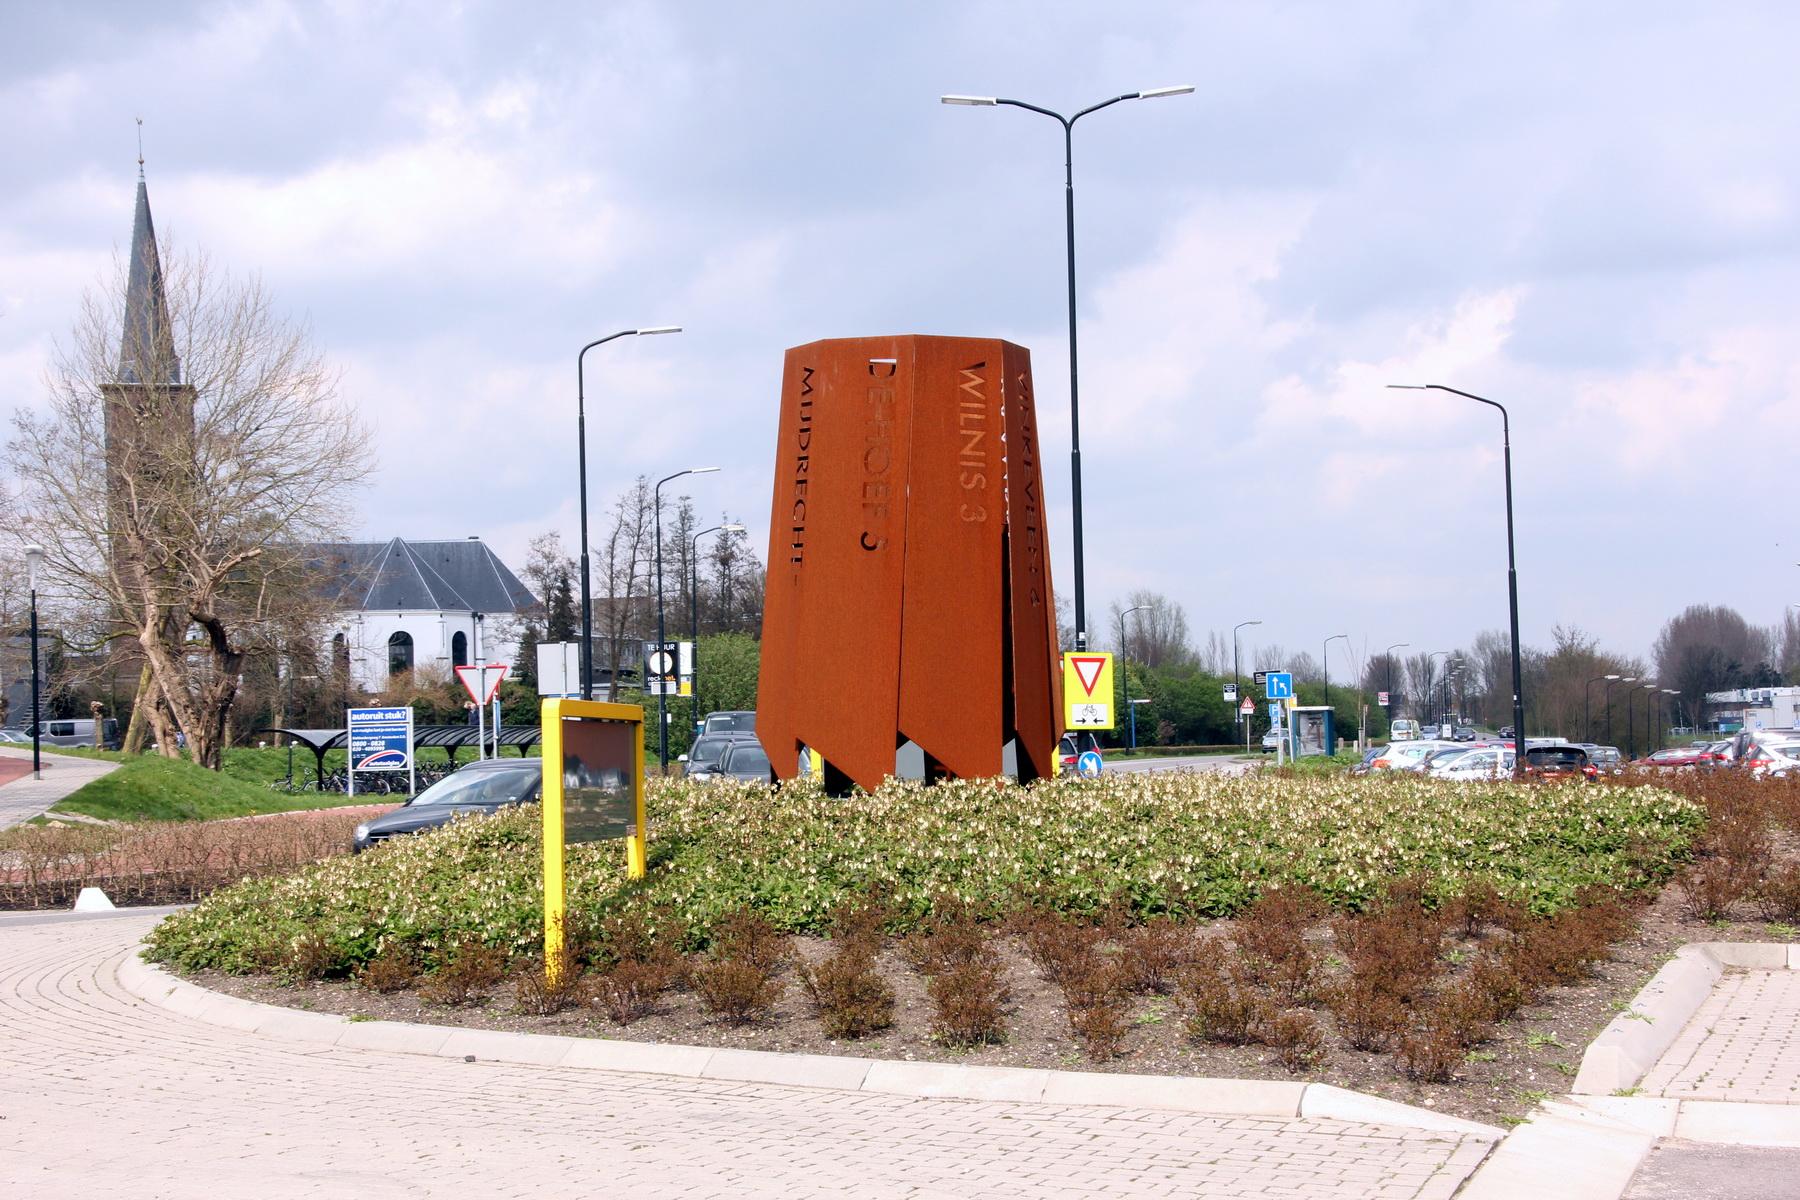 Verbondenheid 8 kernen-2014 Jan van Schalkwijk-4749-1800pix Foto Henk Butink